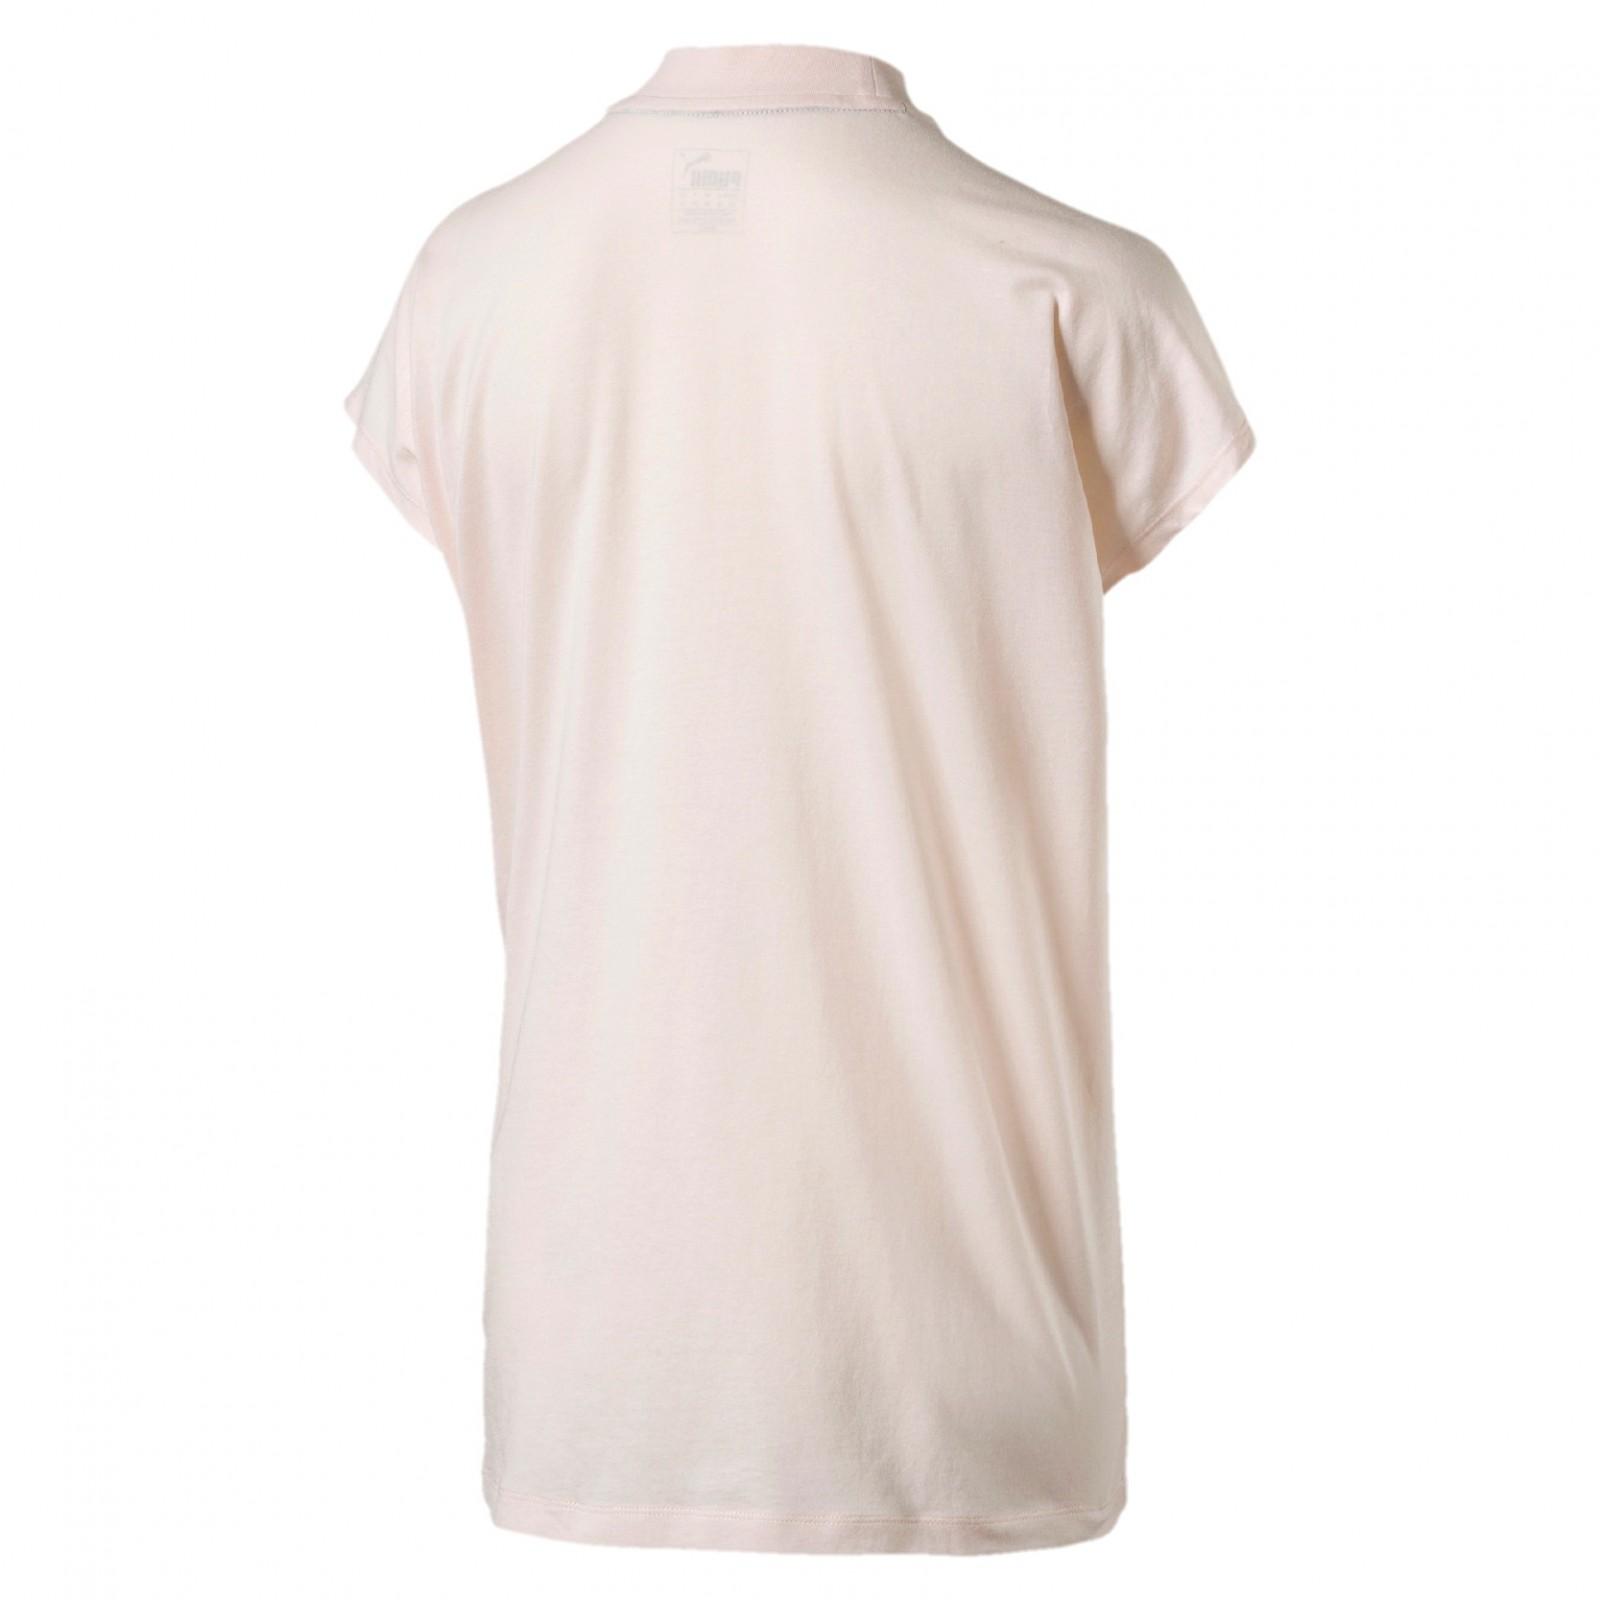 57dff01a1353 Dámské Tričko Puma EVOSTRIPE Tee Pearl